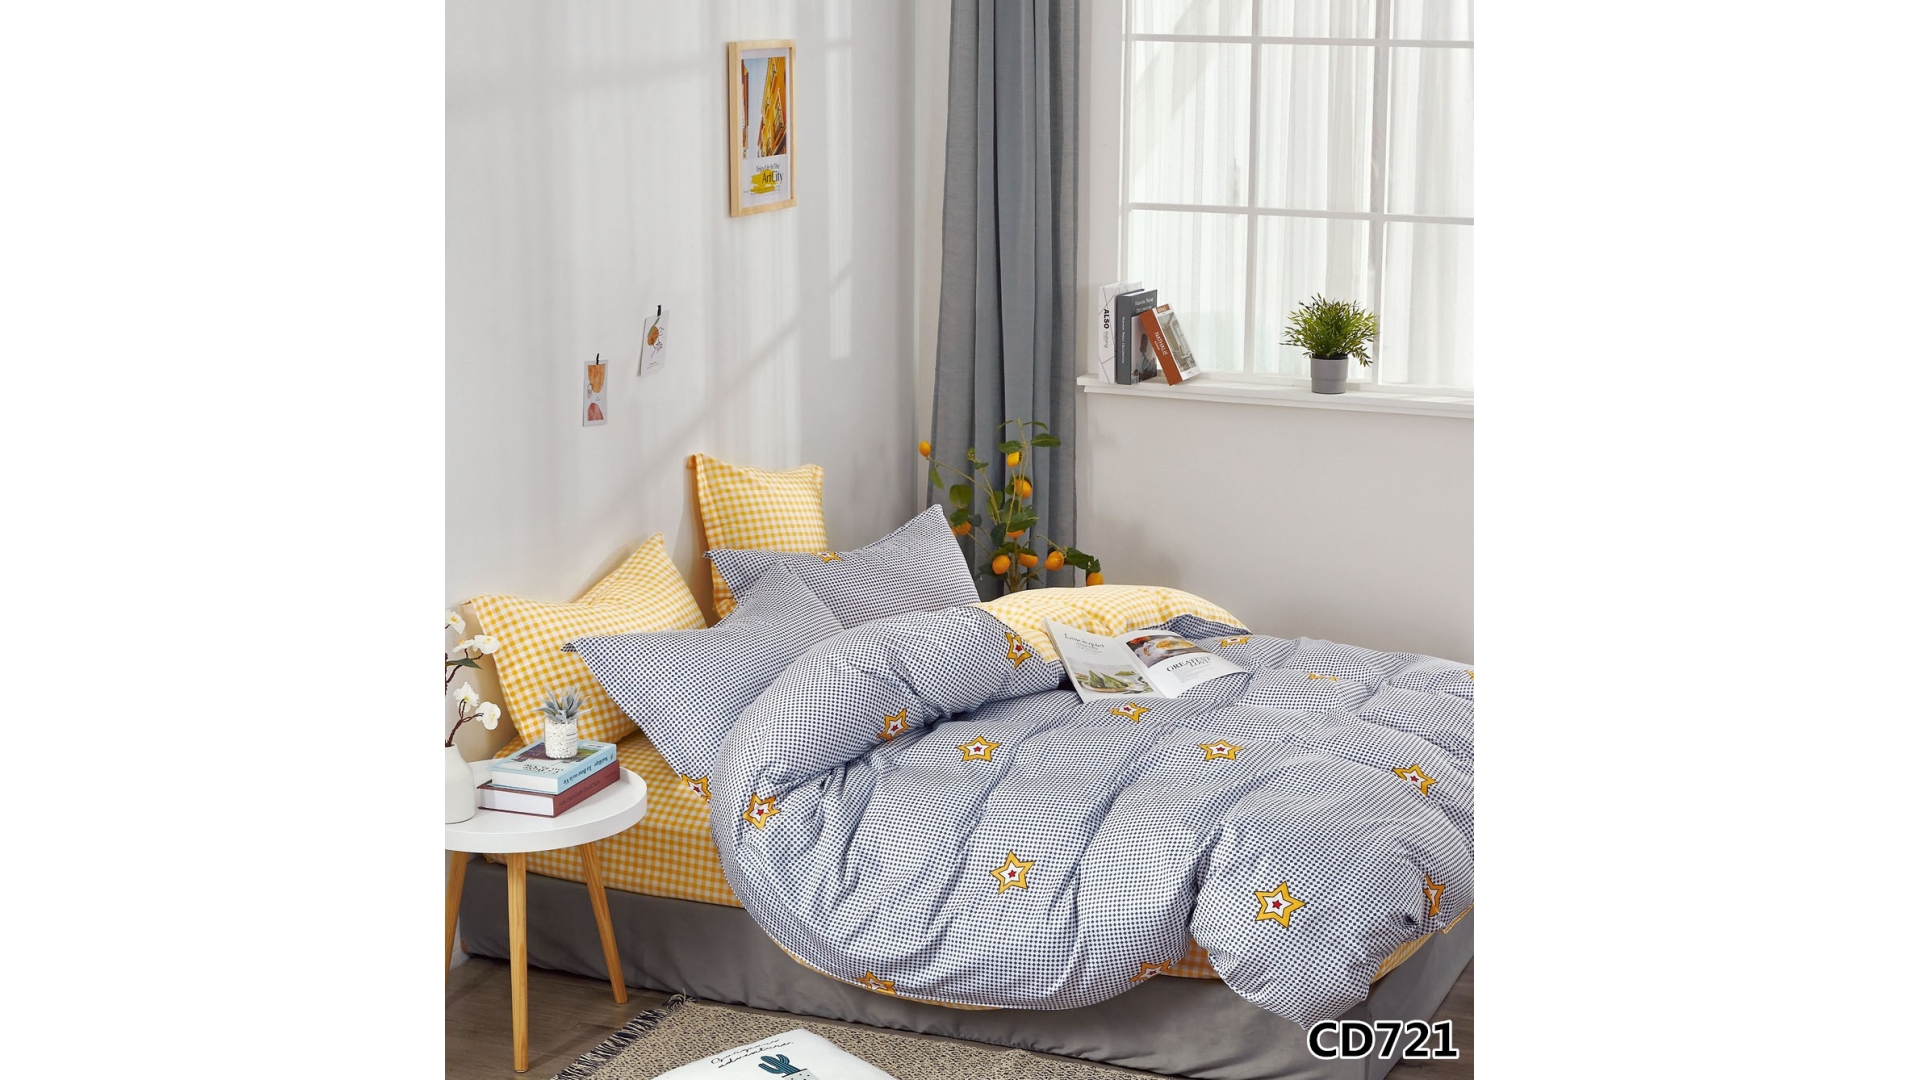 Комплект постельного белья Арлет (CD721)  фото FullHD (0)